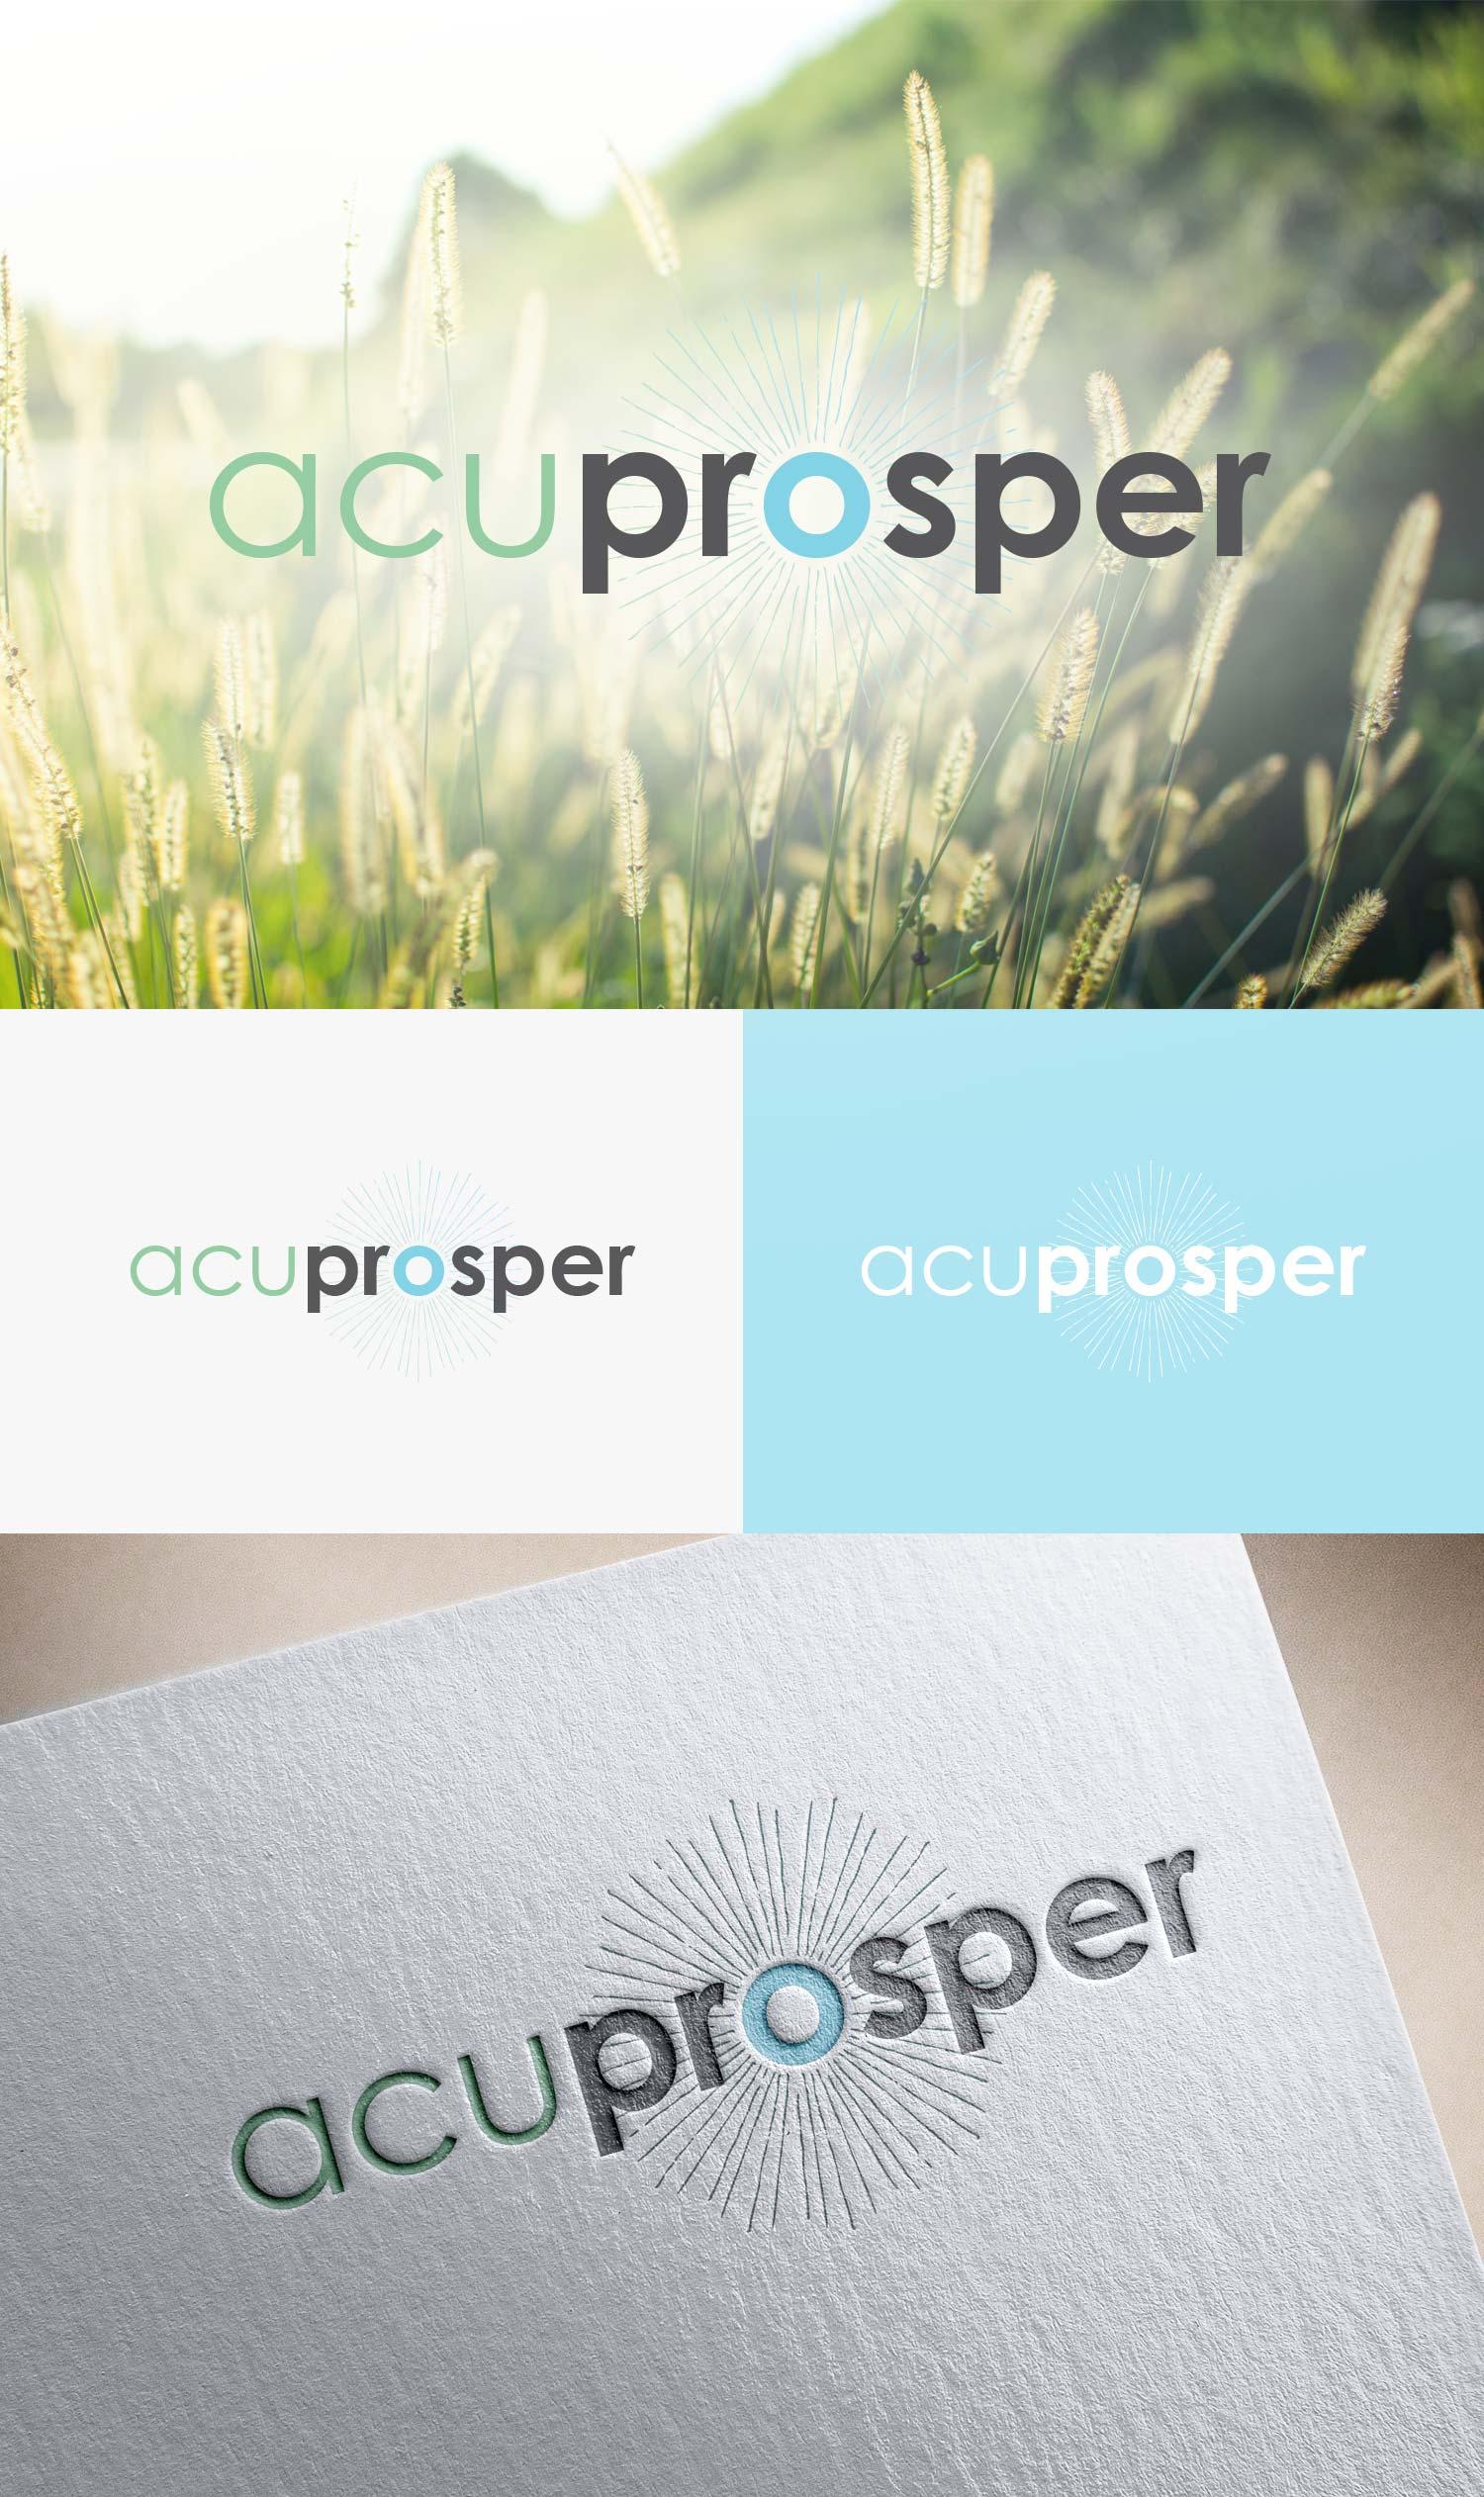 Logo Design for Acupuncture Online Business Course | Sunburst Logo Design | Denver, CO | Freelance Graphic Designer | Six Leaf Design